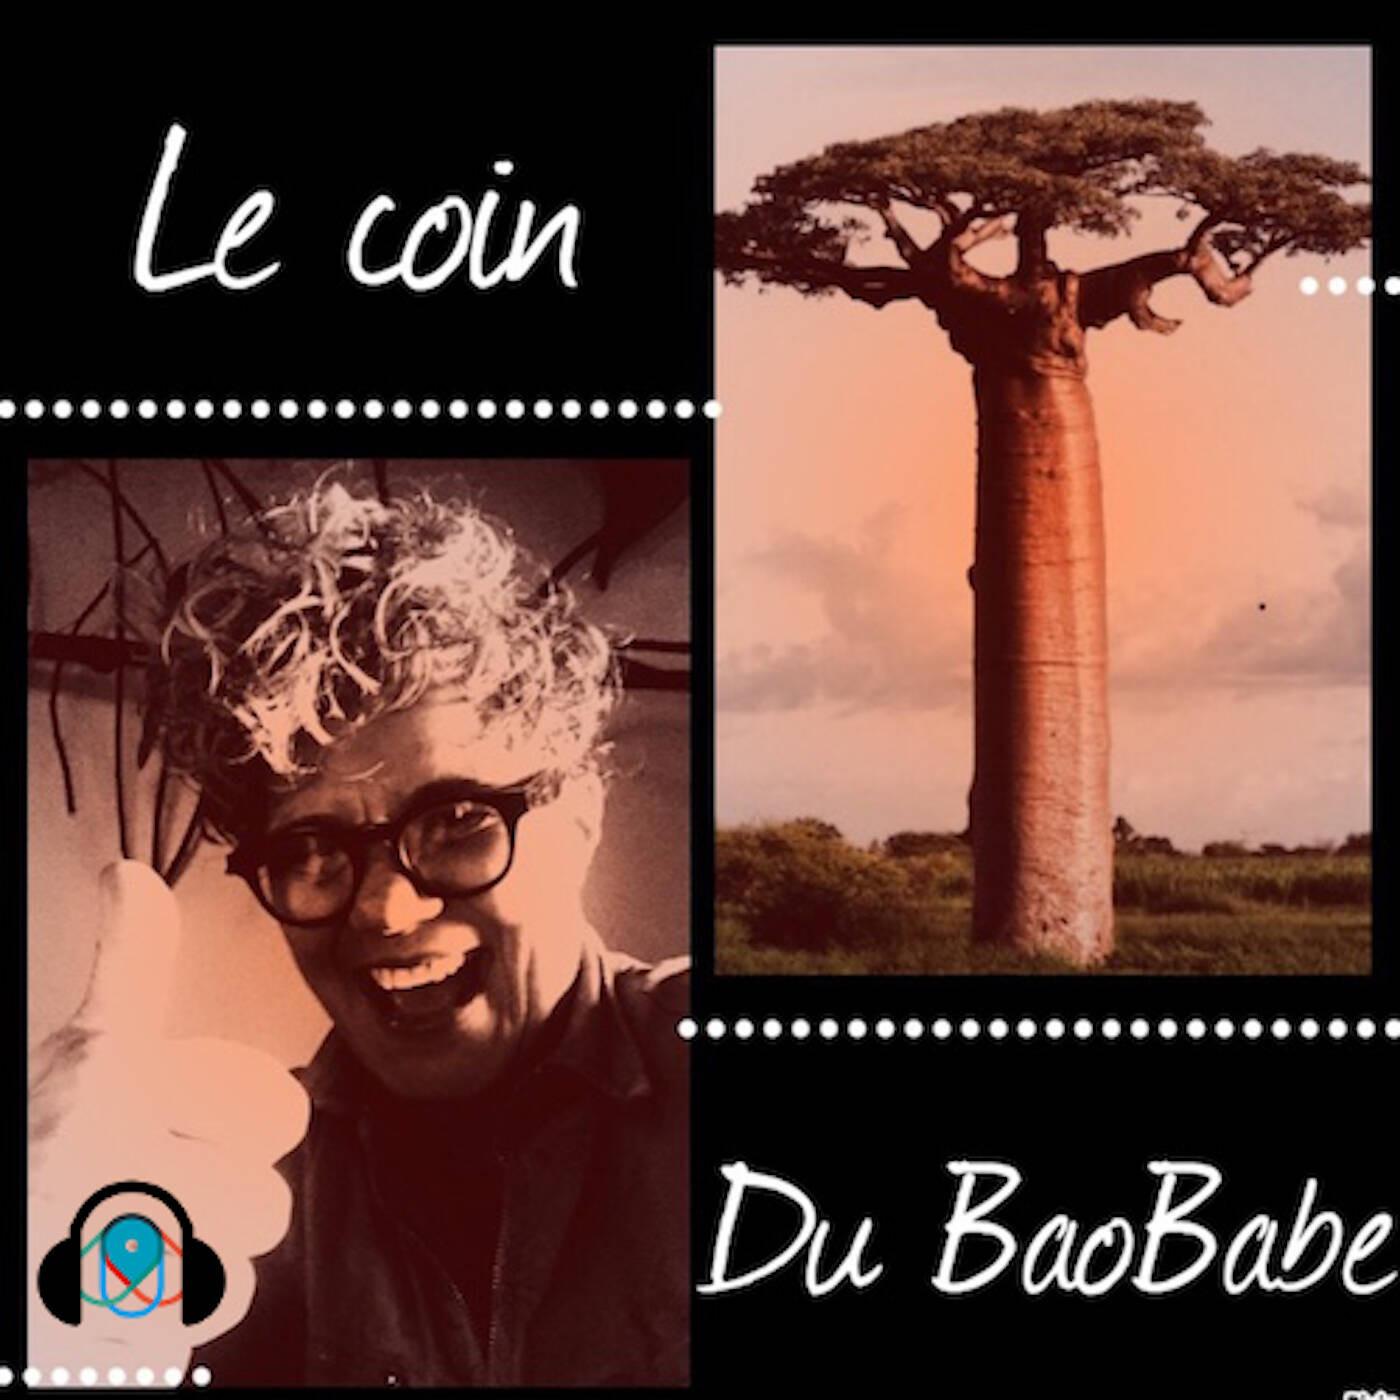 LE COIN DU BAOBABE S1E4